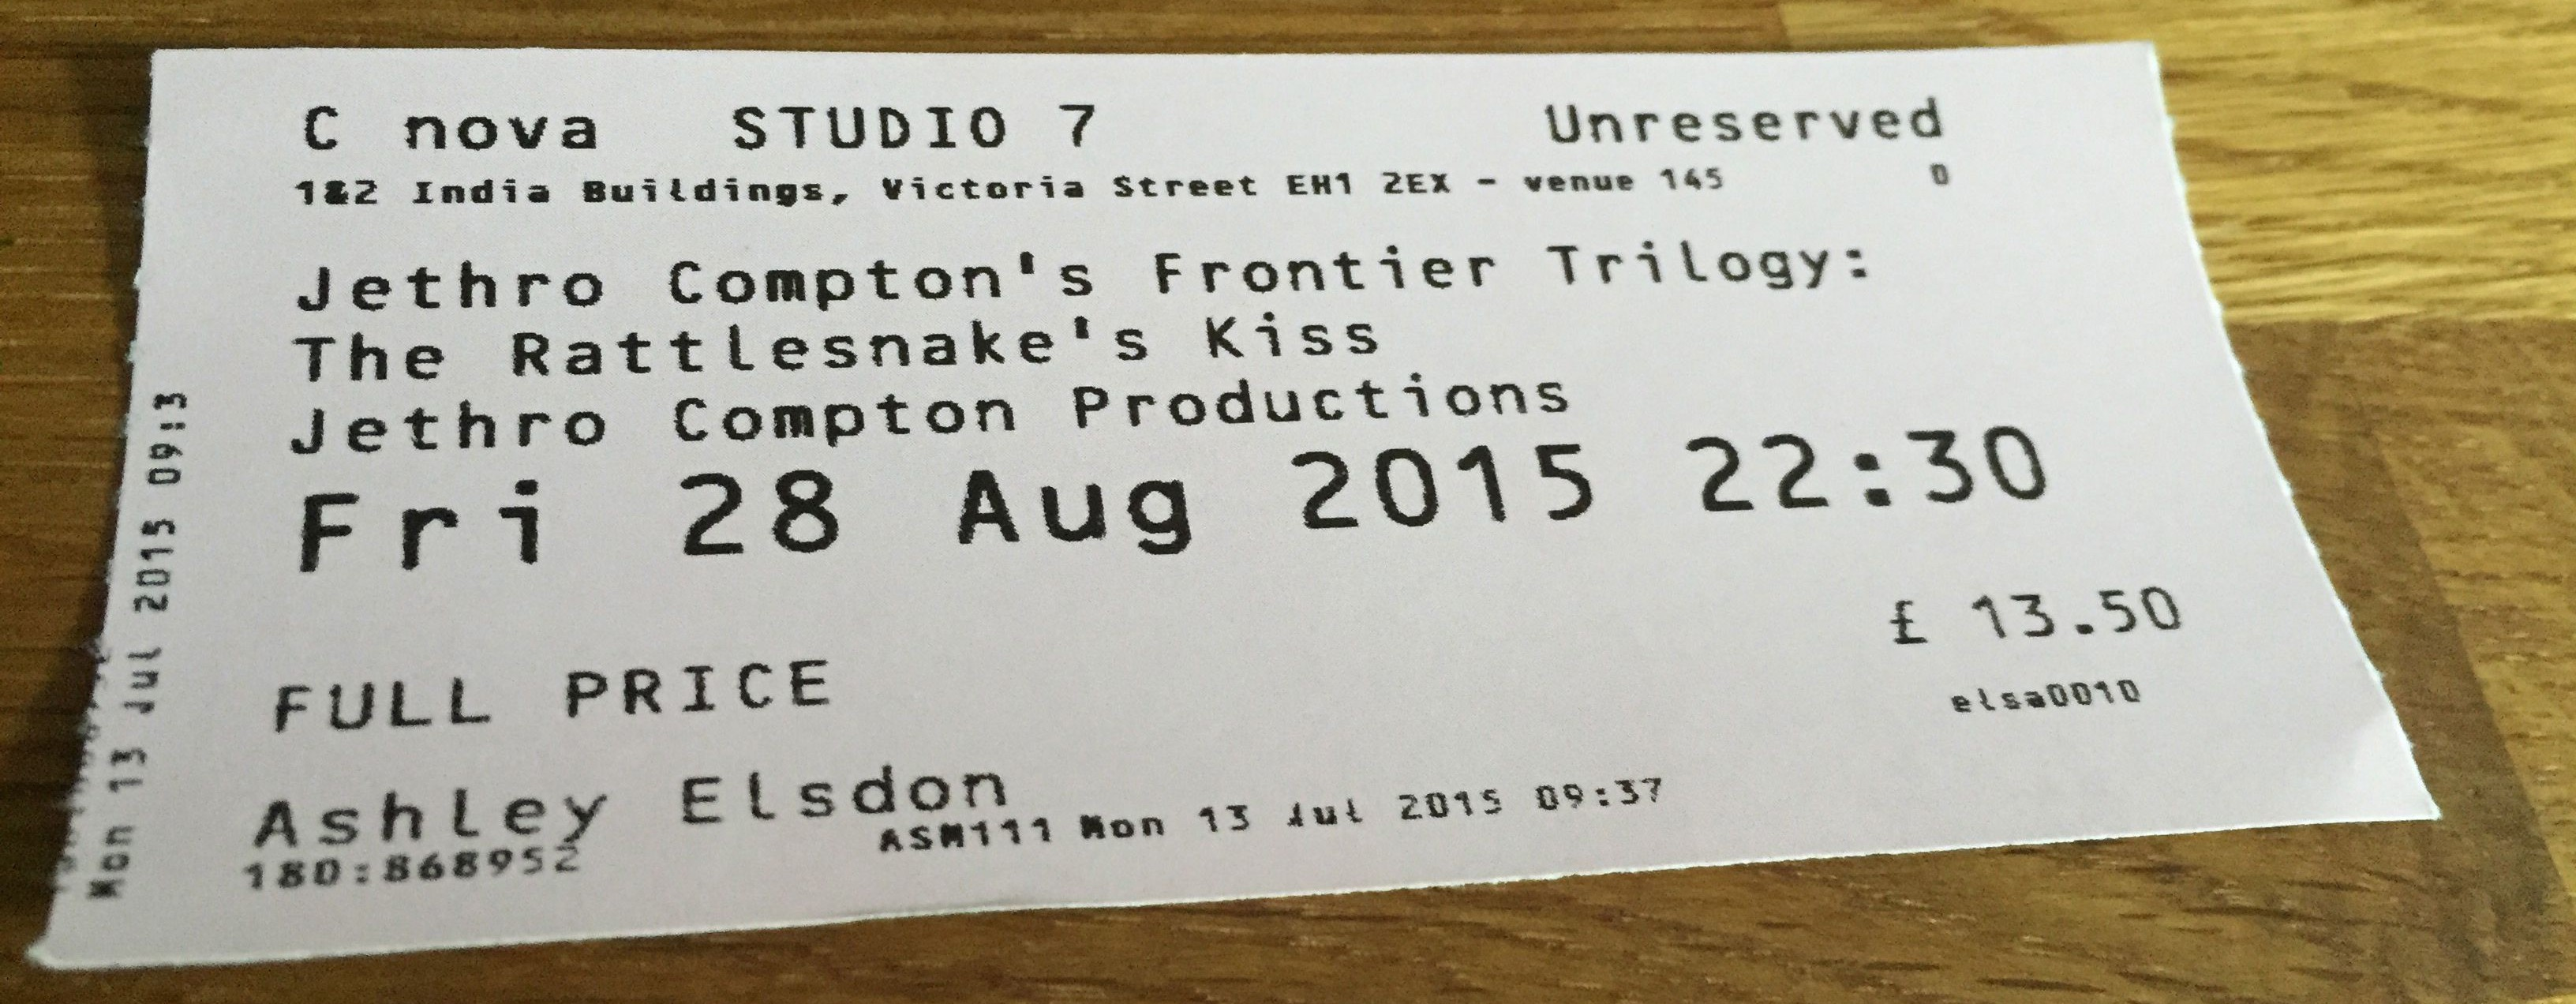 Ed Fringe 2015: Frontier Trilogy - Rattlesnake's Kiss